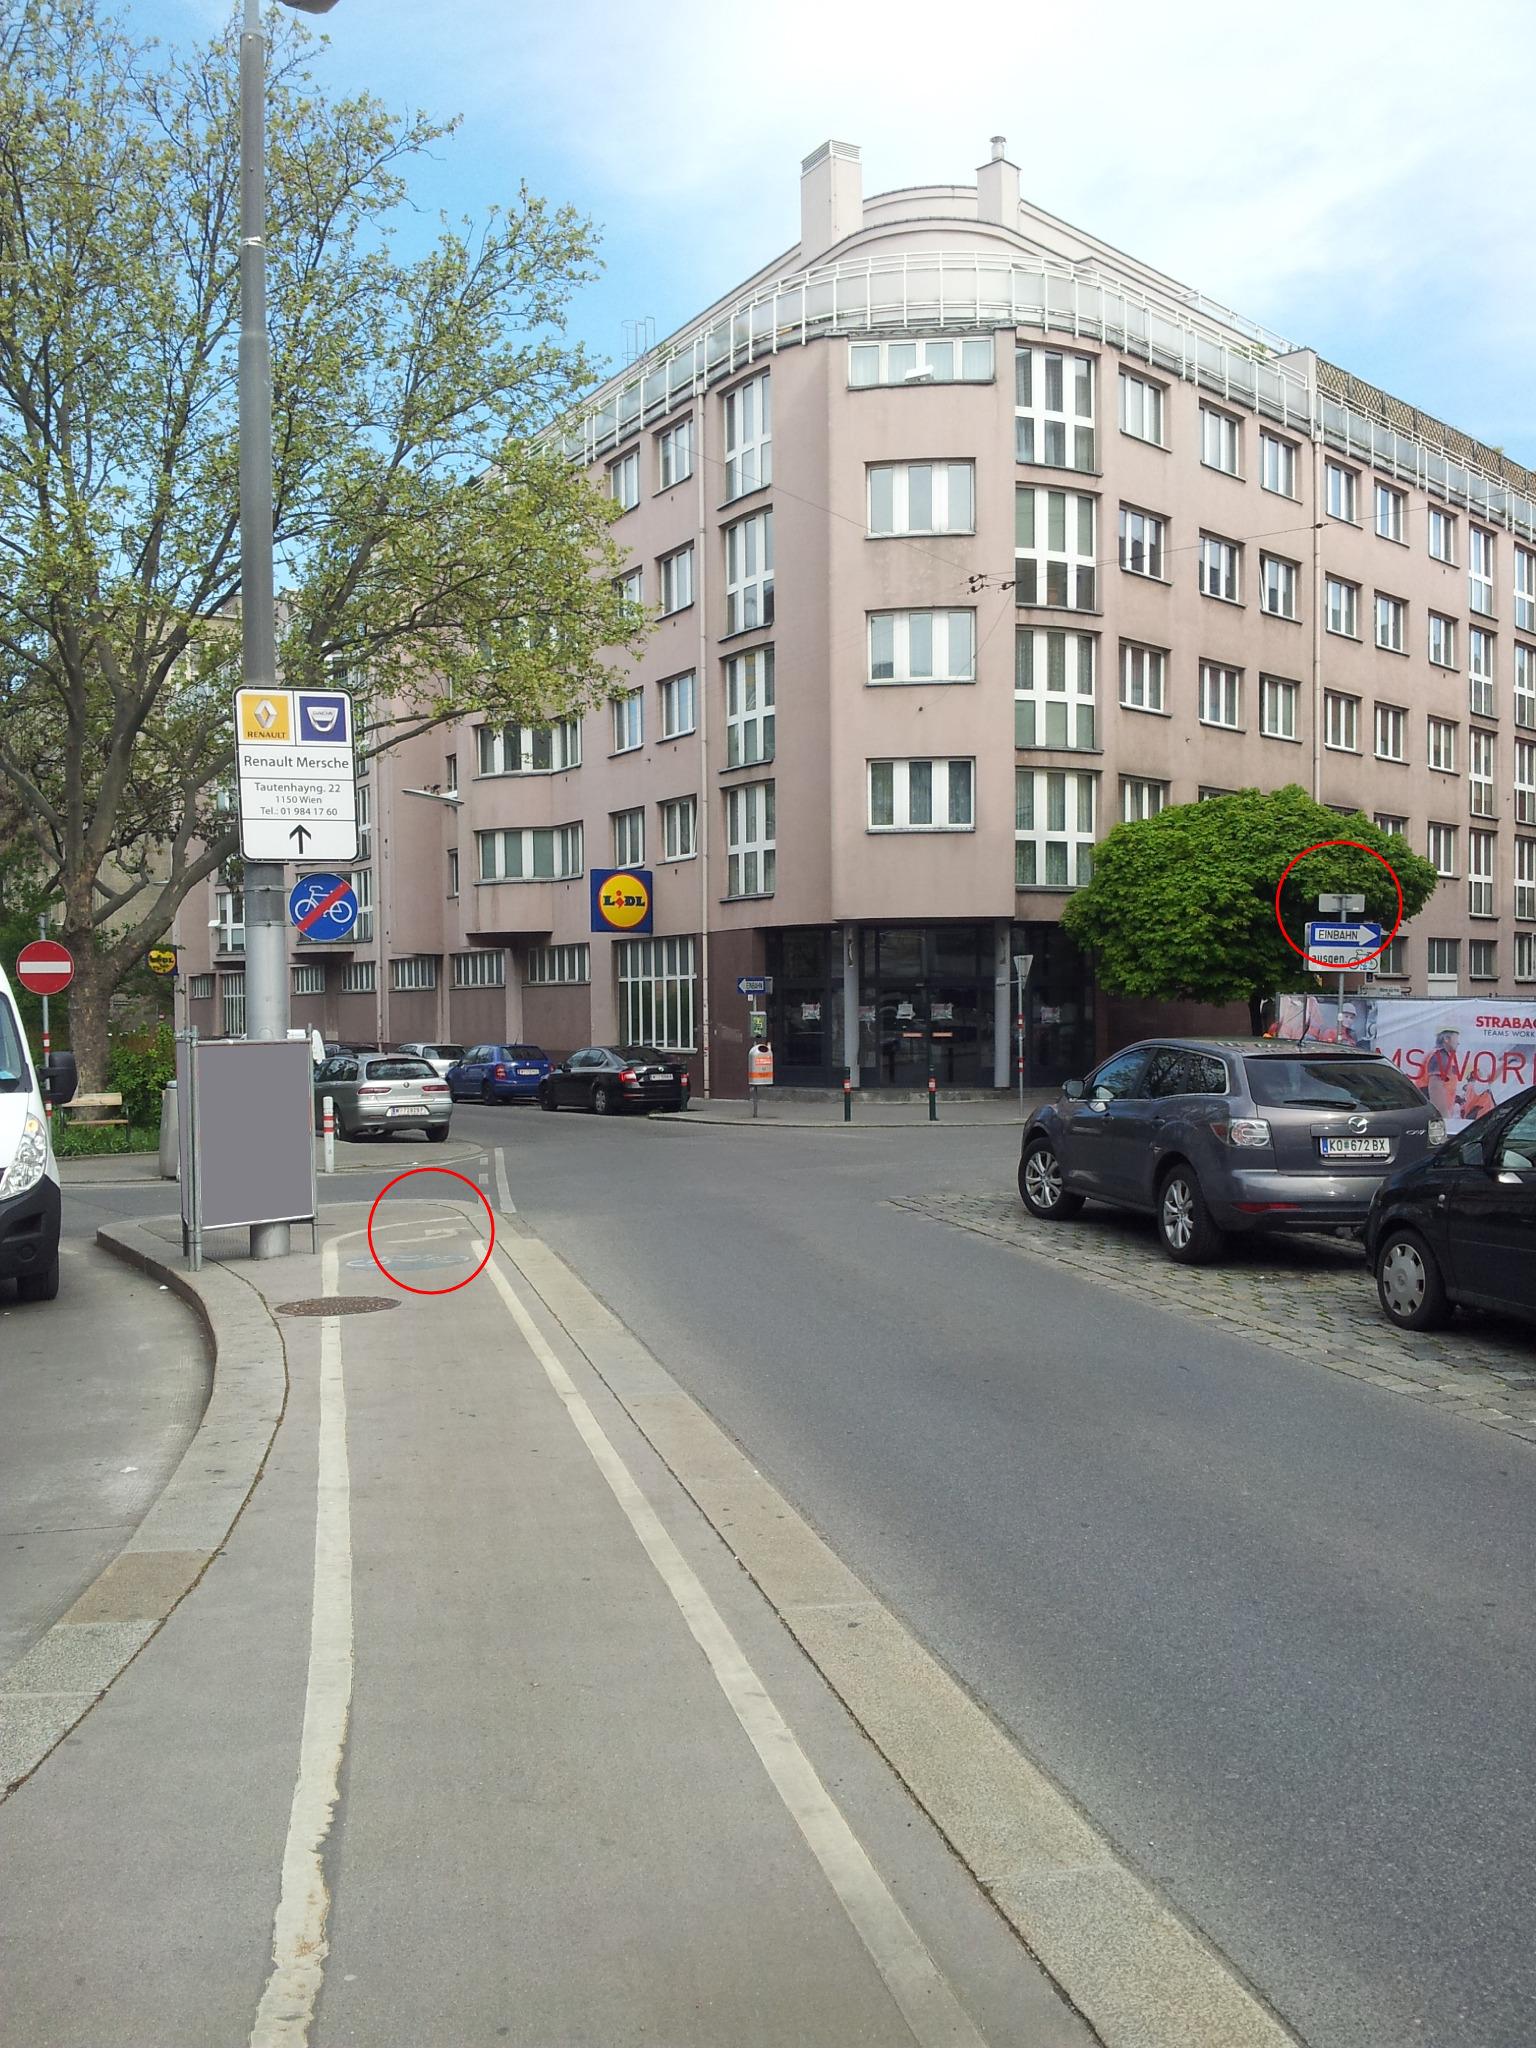 Abb. 3: Foto vom Einrichtungsradweg in Richtung der Radroute. Der rote Kreis links markiert den Linksabbiegen-Pfeil auf die Schanzstraße (siehe Punkt 3). Der rote Kreis rechts markiert den Wegweiser Richtung Schmelz - der nur von der anderen Seite zu lesen ist (siehe Punkt 4). Die Sperrlinie (siehe Punkt 1) ist hier auch sichtbar, oberhalb vom linken roten Kreis.